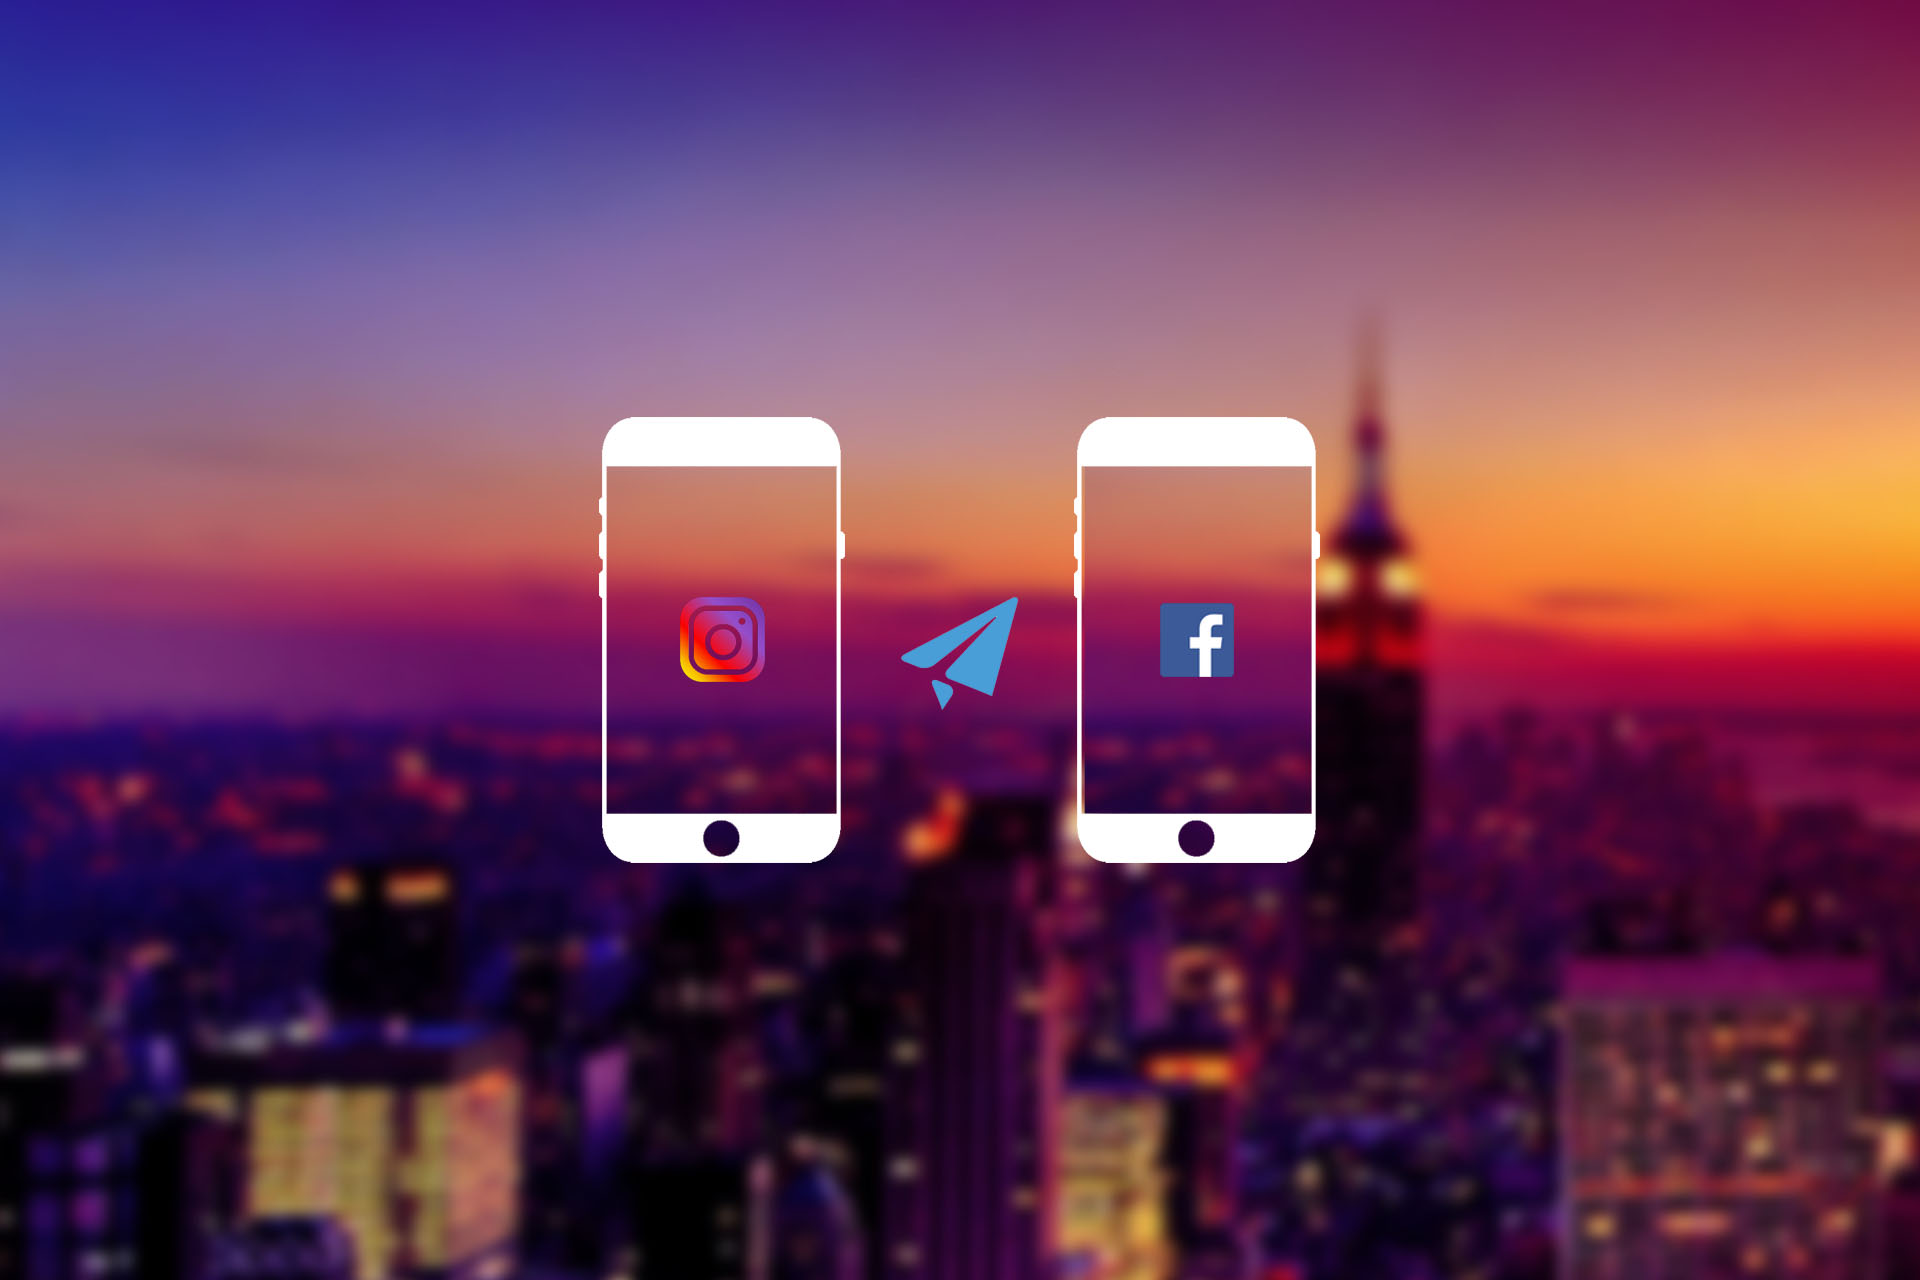 Las historias de Instagram podrían llegar a Facebook